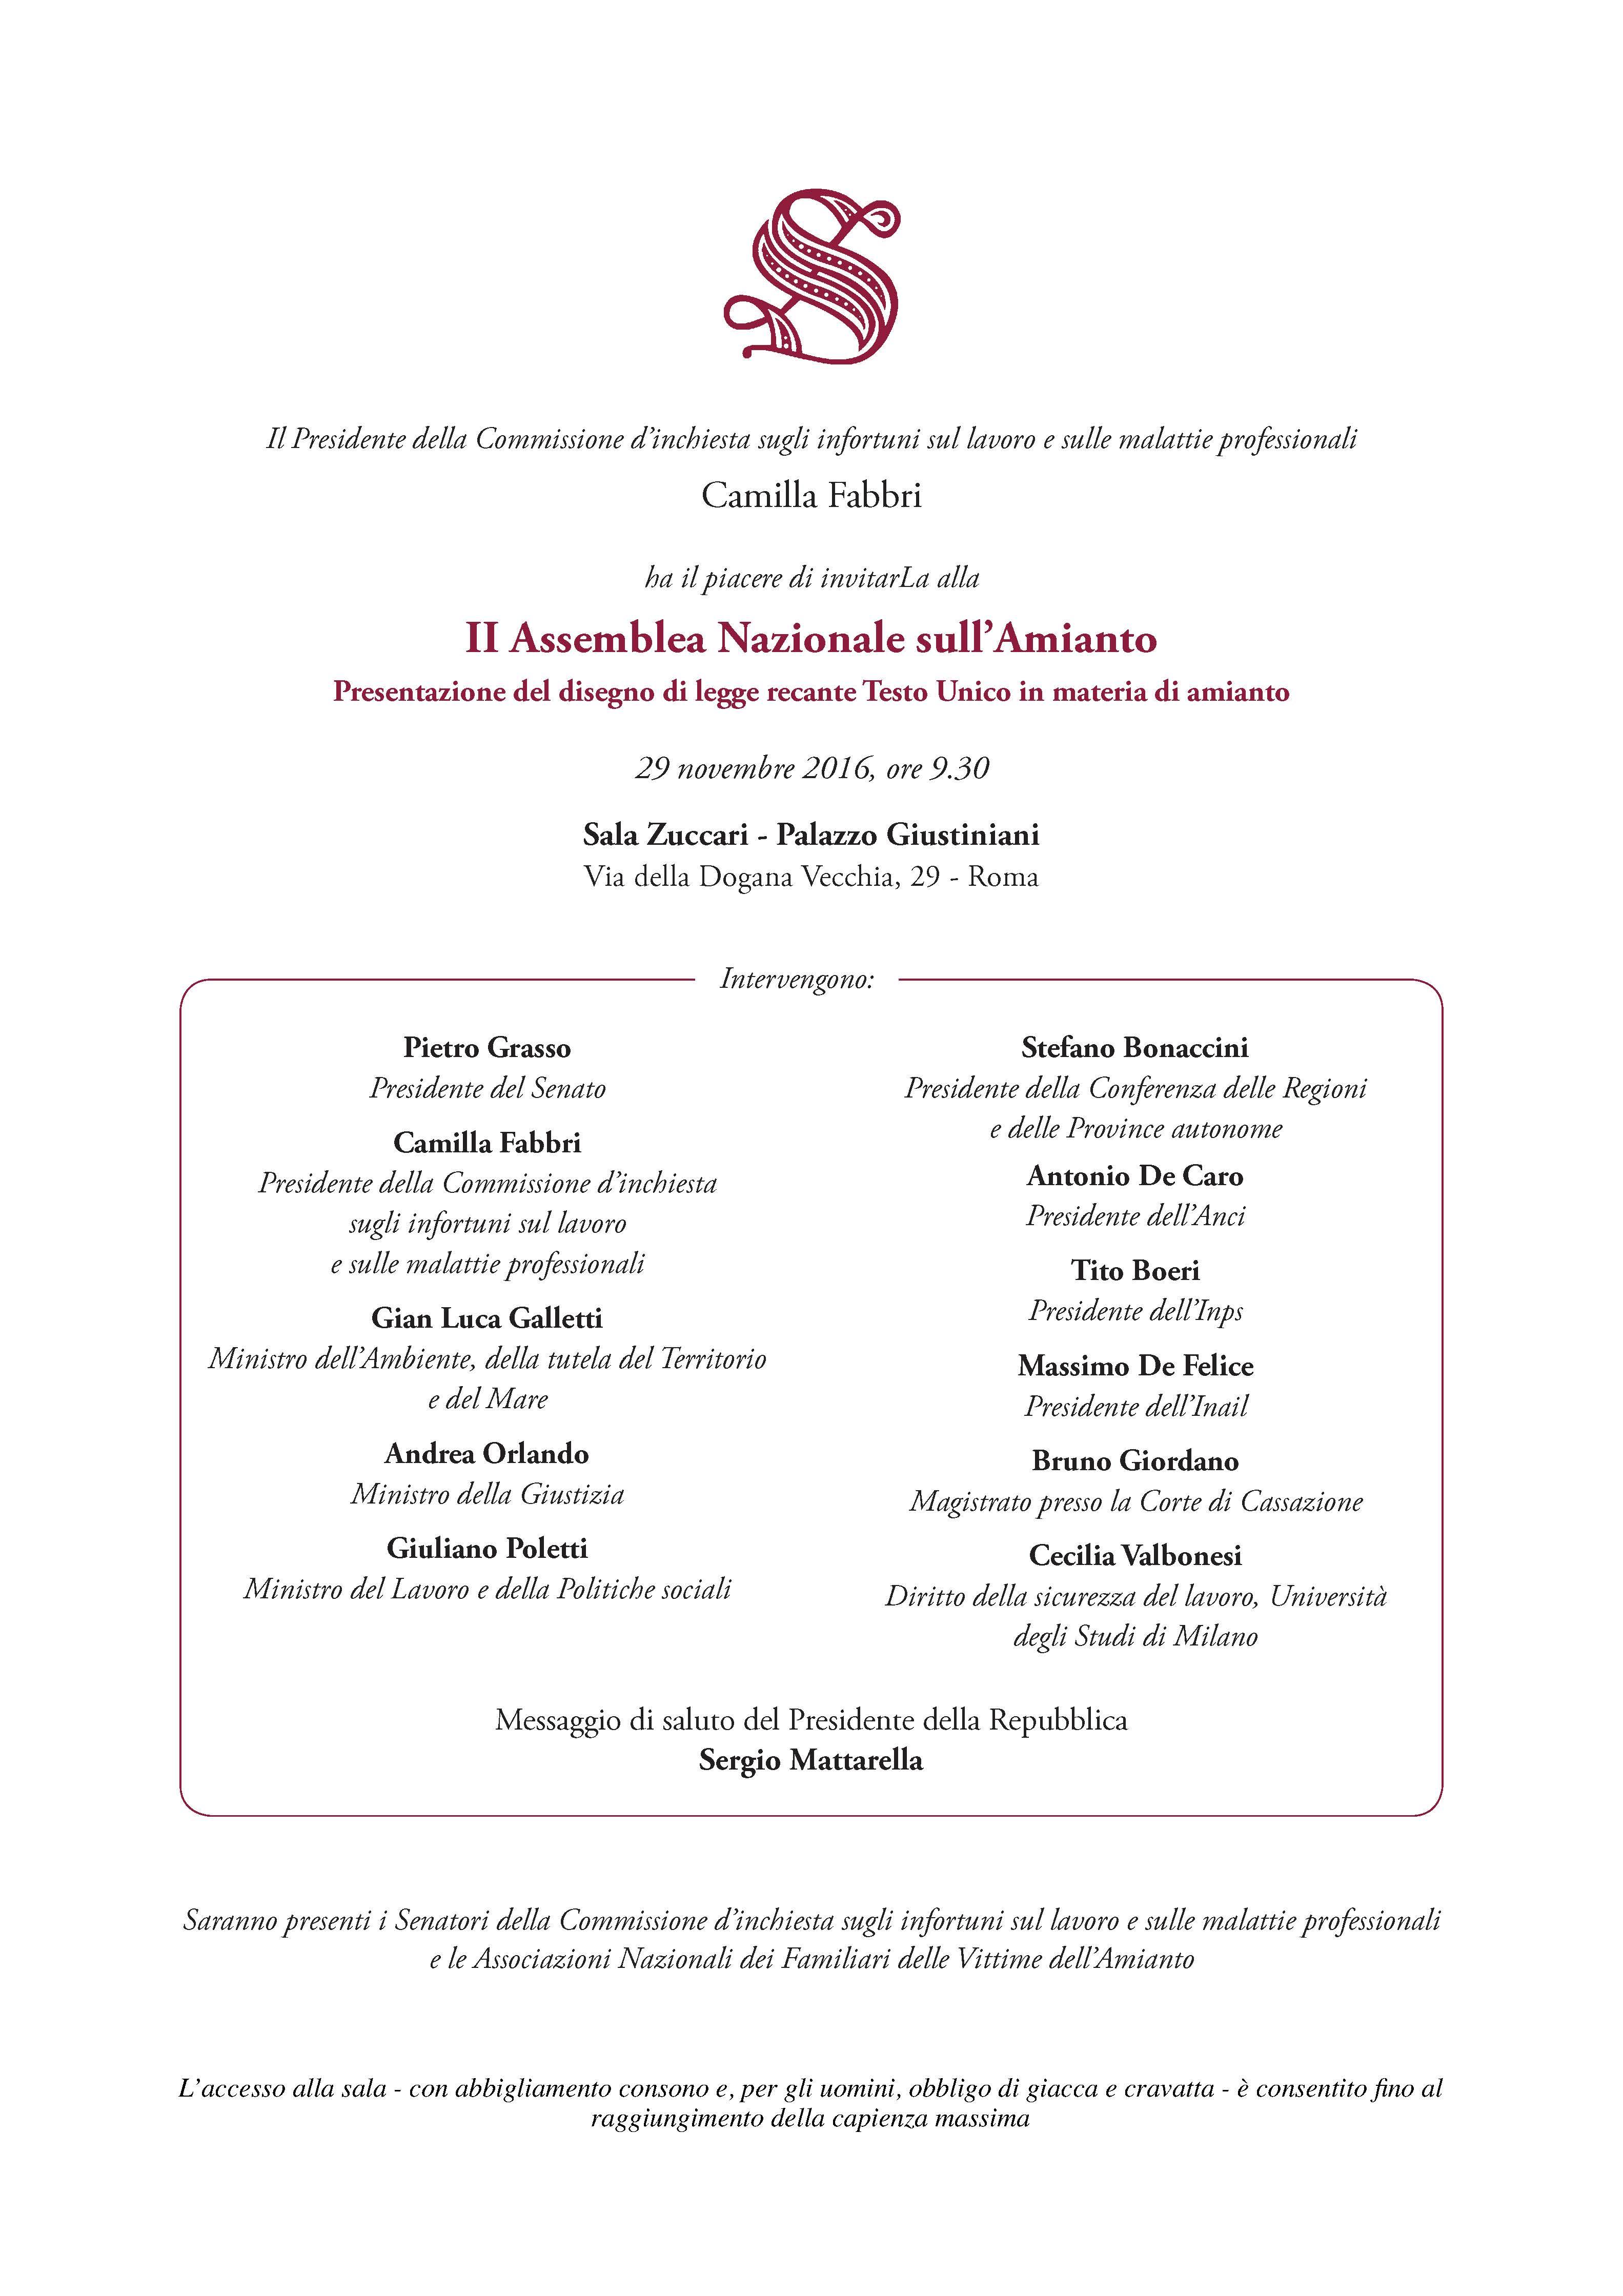 invito-29-11-2016